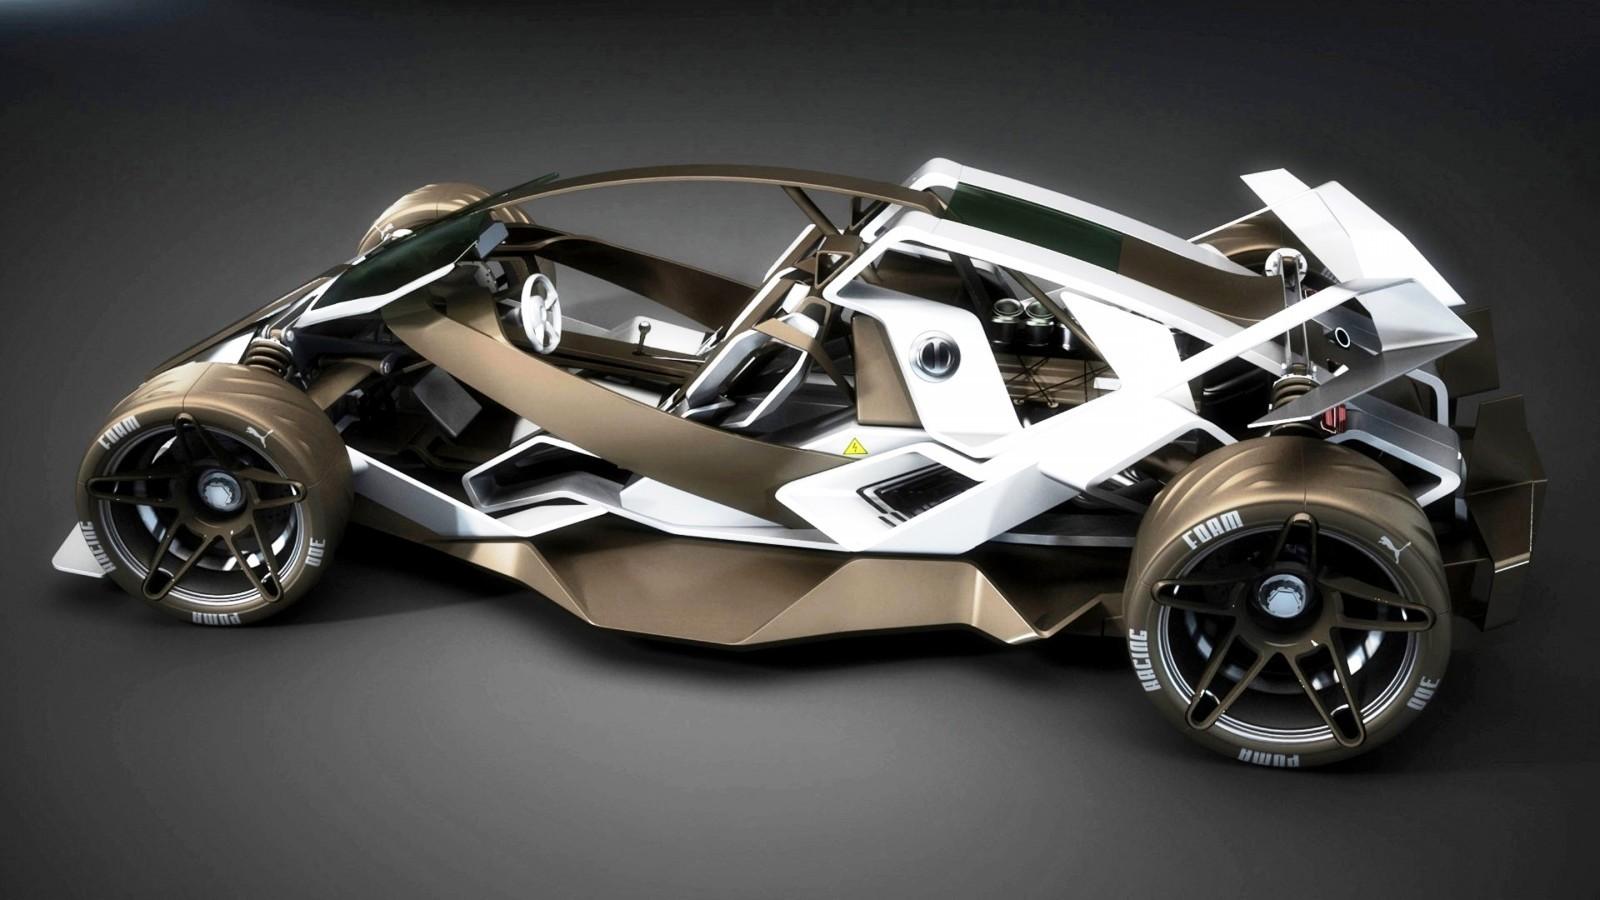 2020 Puma Boulevard Racer by Sabino Leerentveld 2